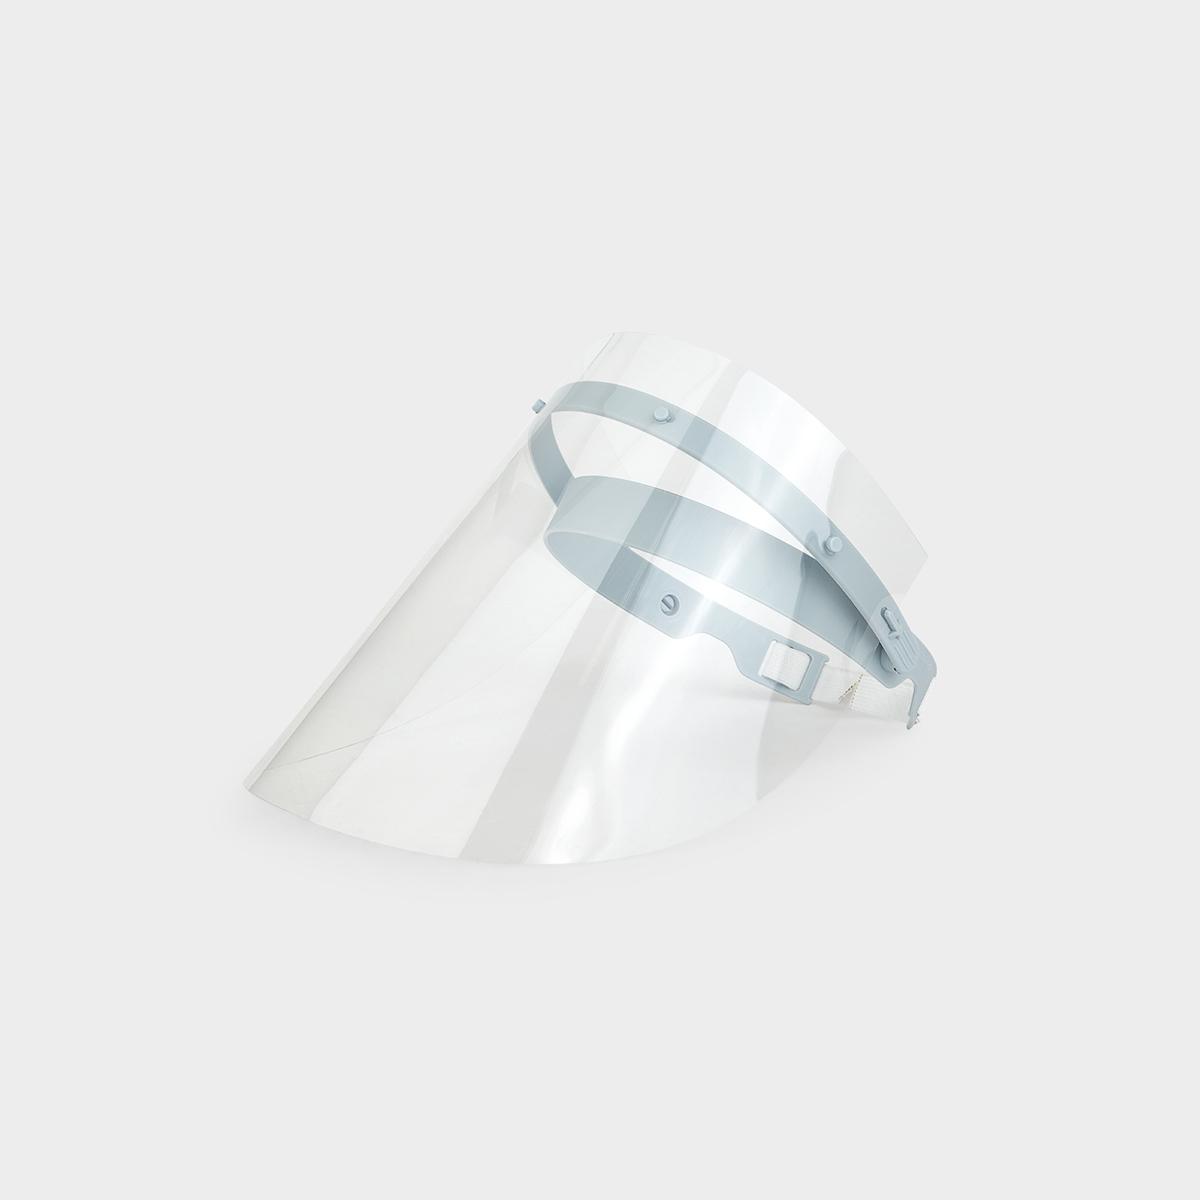 Karin Care Face Shield Light Grey